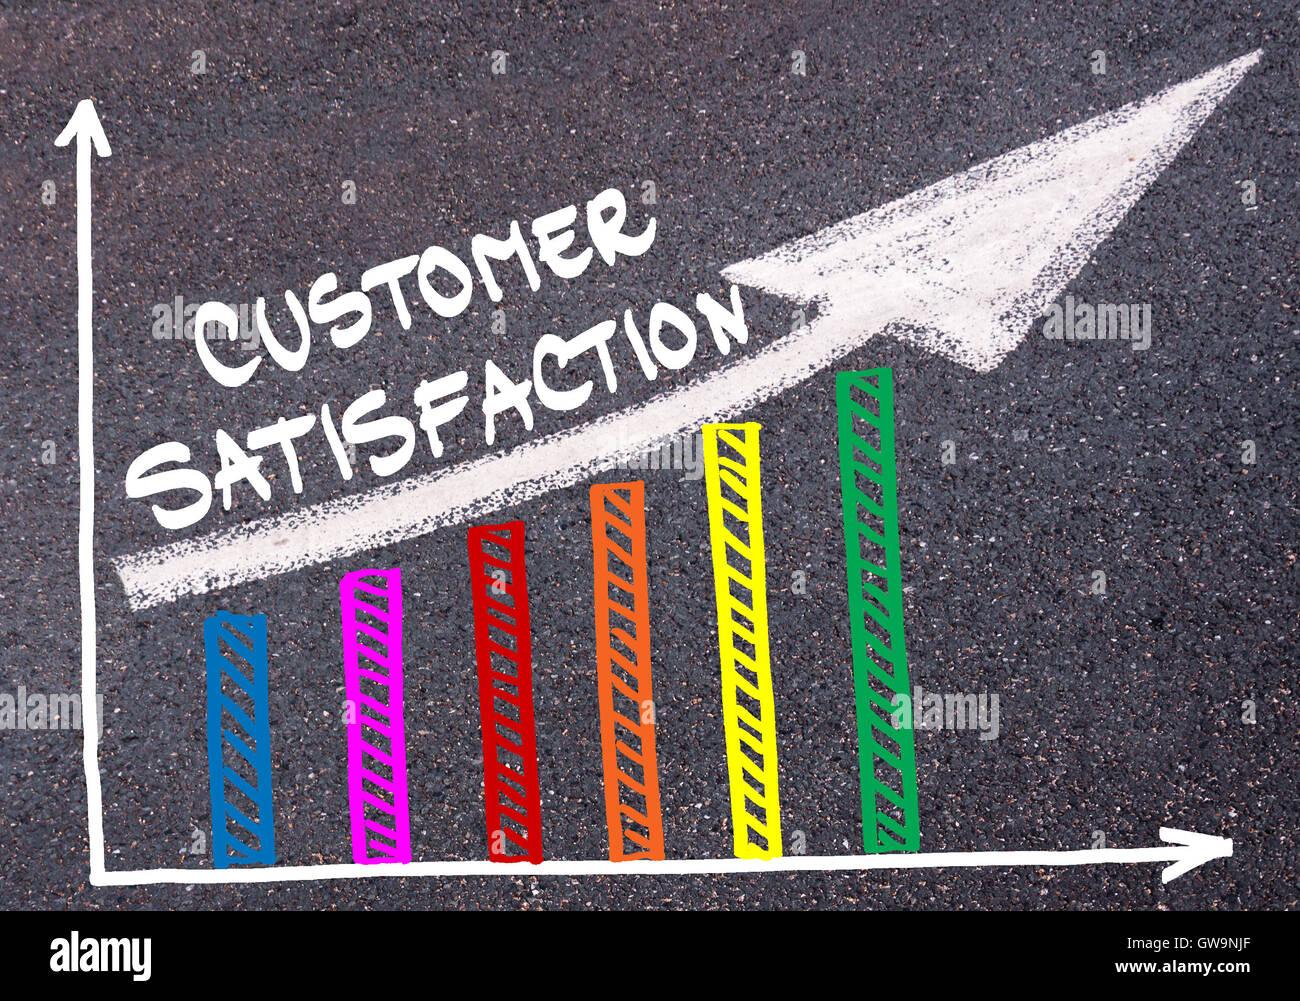 Grafico colorato disegnate su asfalto e parole la soddisfazione del cliente con la freccia direzionale, business Immagini Stock